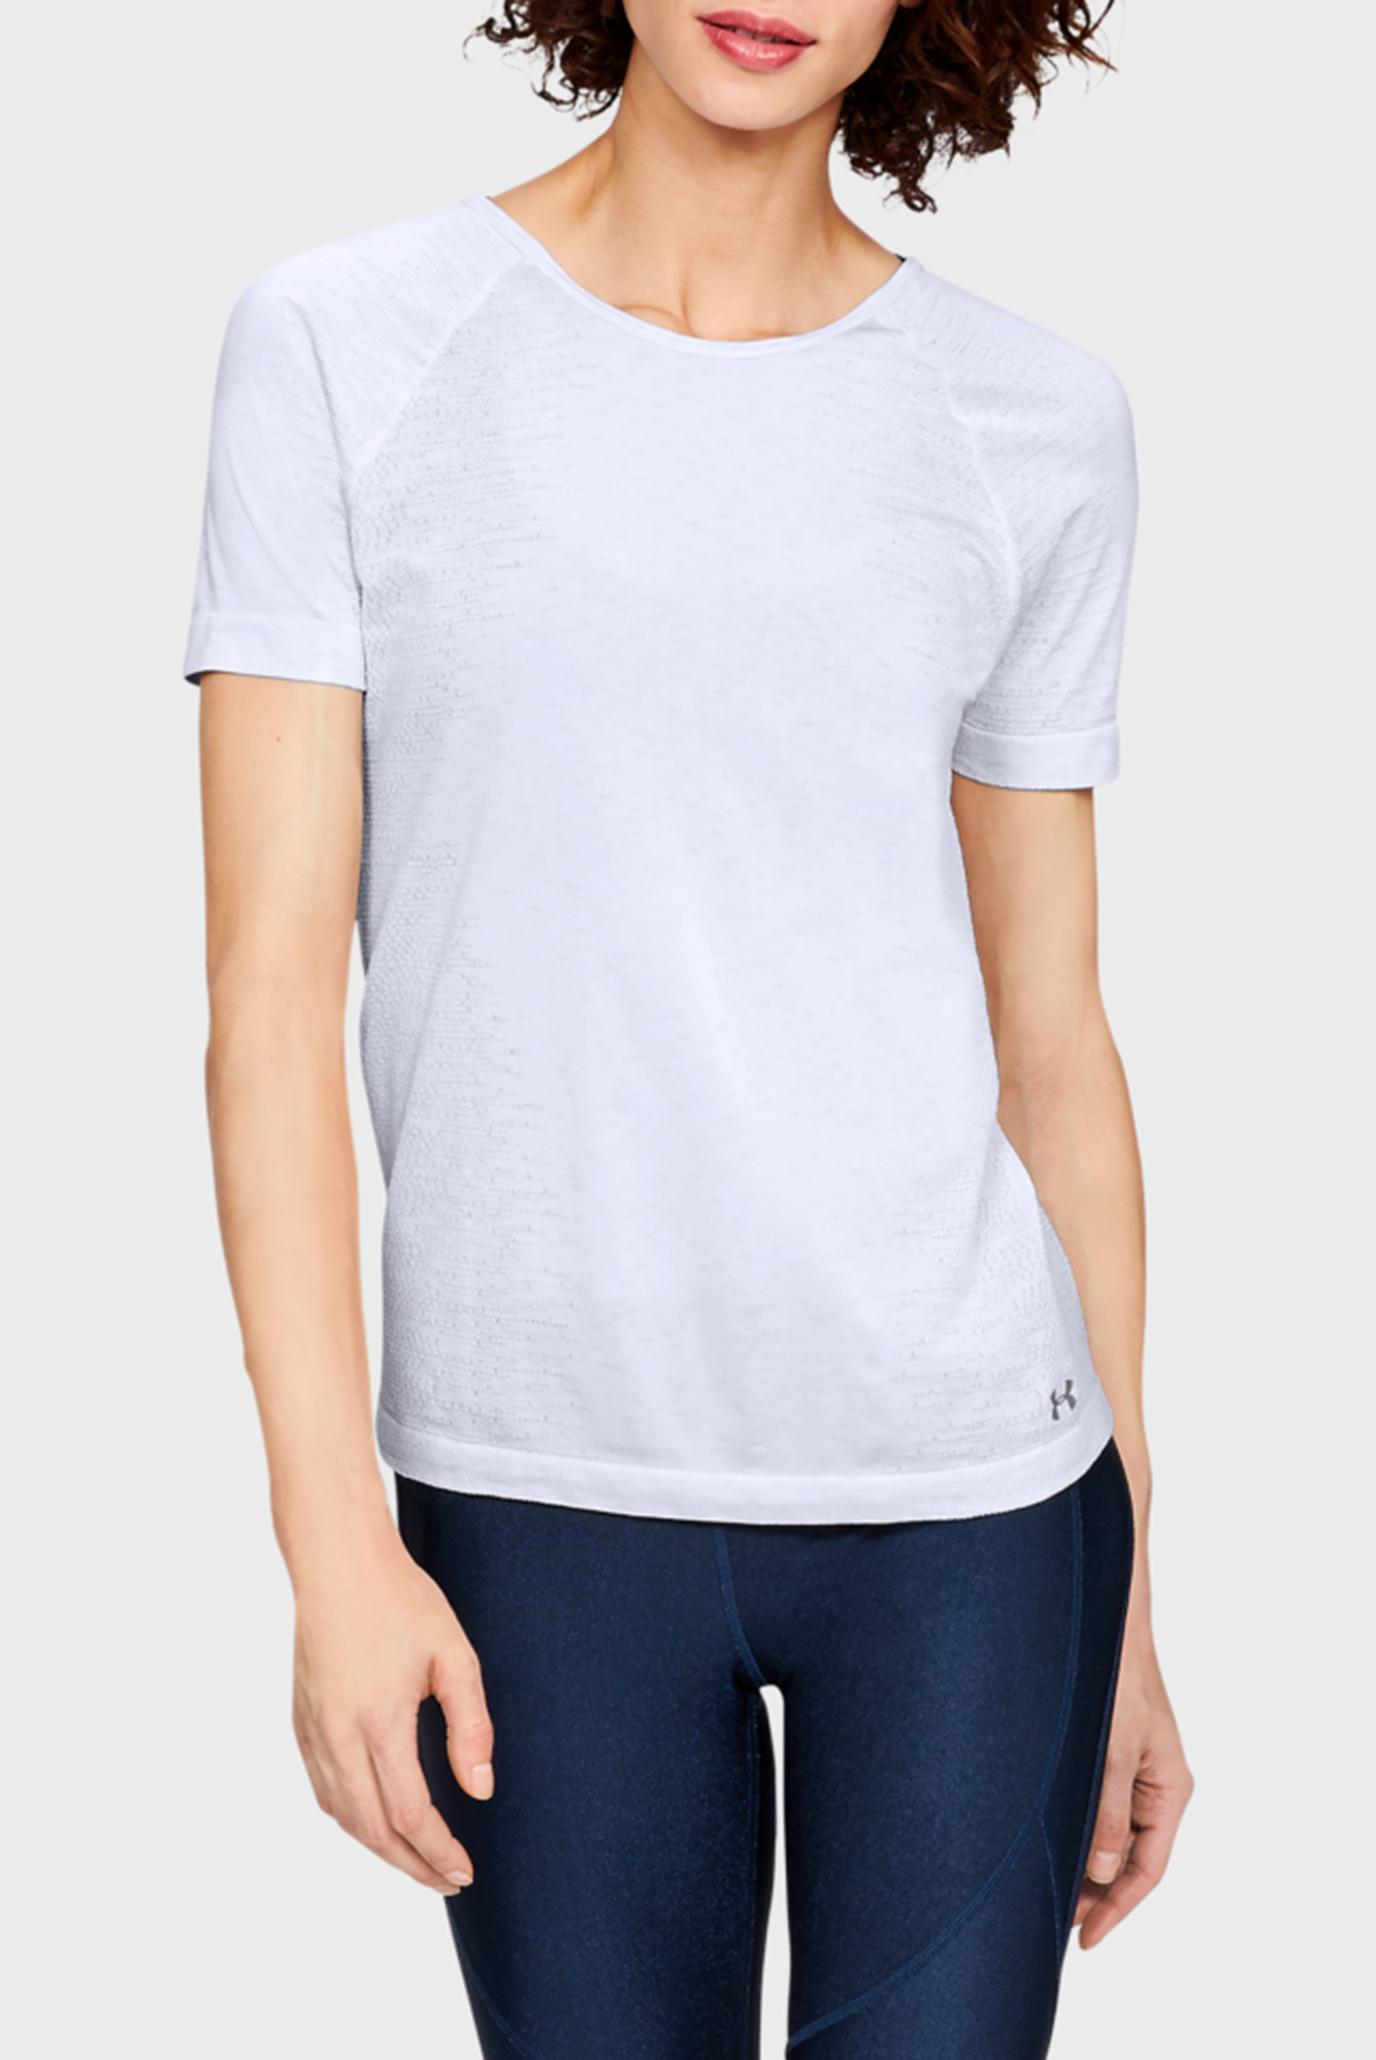 Купить Женская белая футболка TB Seamless Spacedye SS Under Armour Under Armour 1323479-100 – Киев, Украина. Цены в интернет магазине MD Fashion